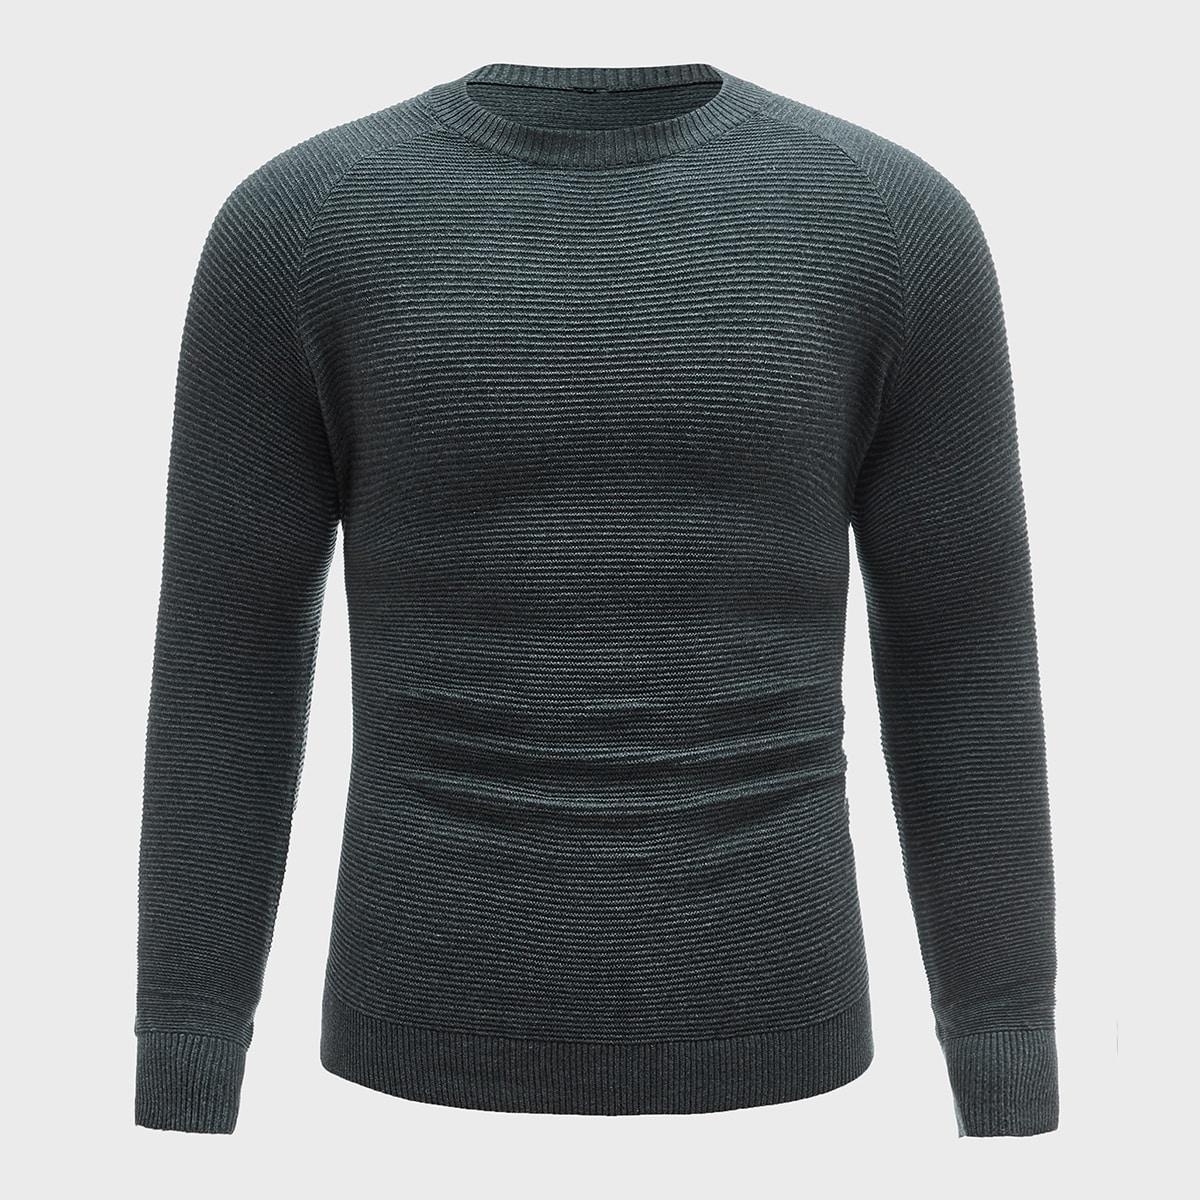 Мужской свитер с рукавом регланом